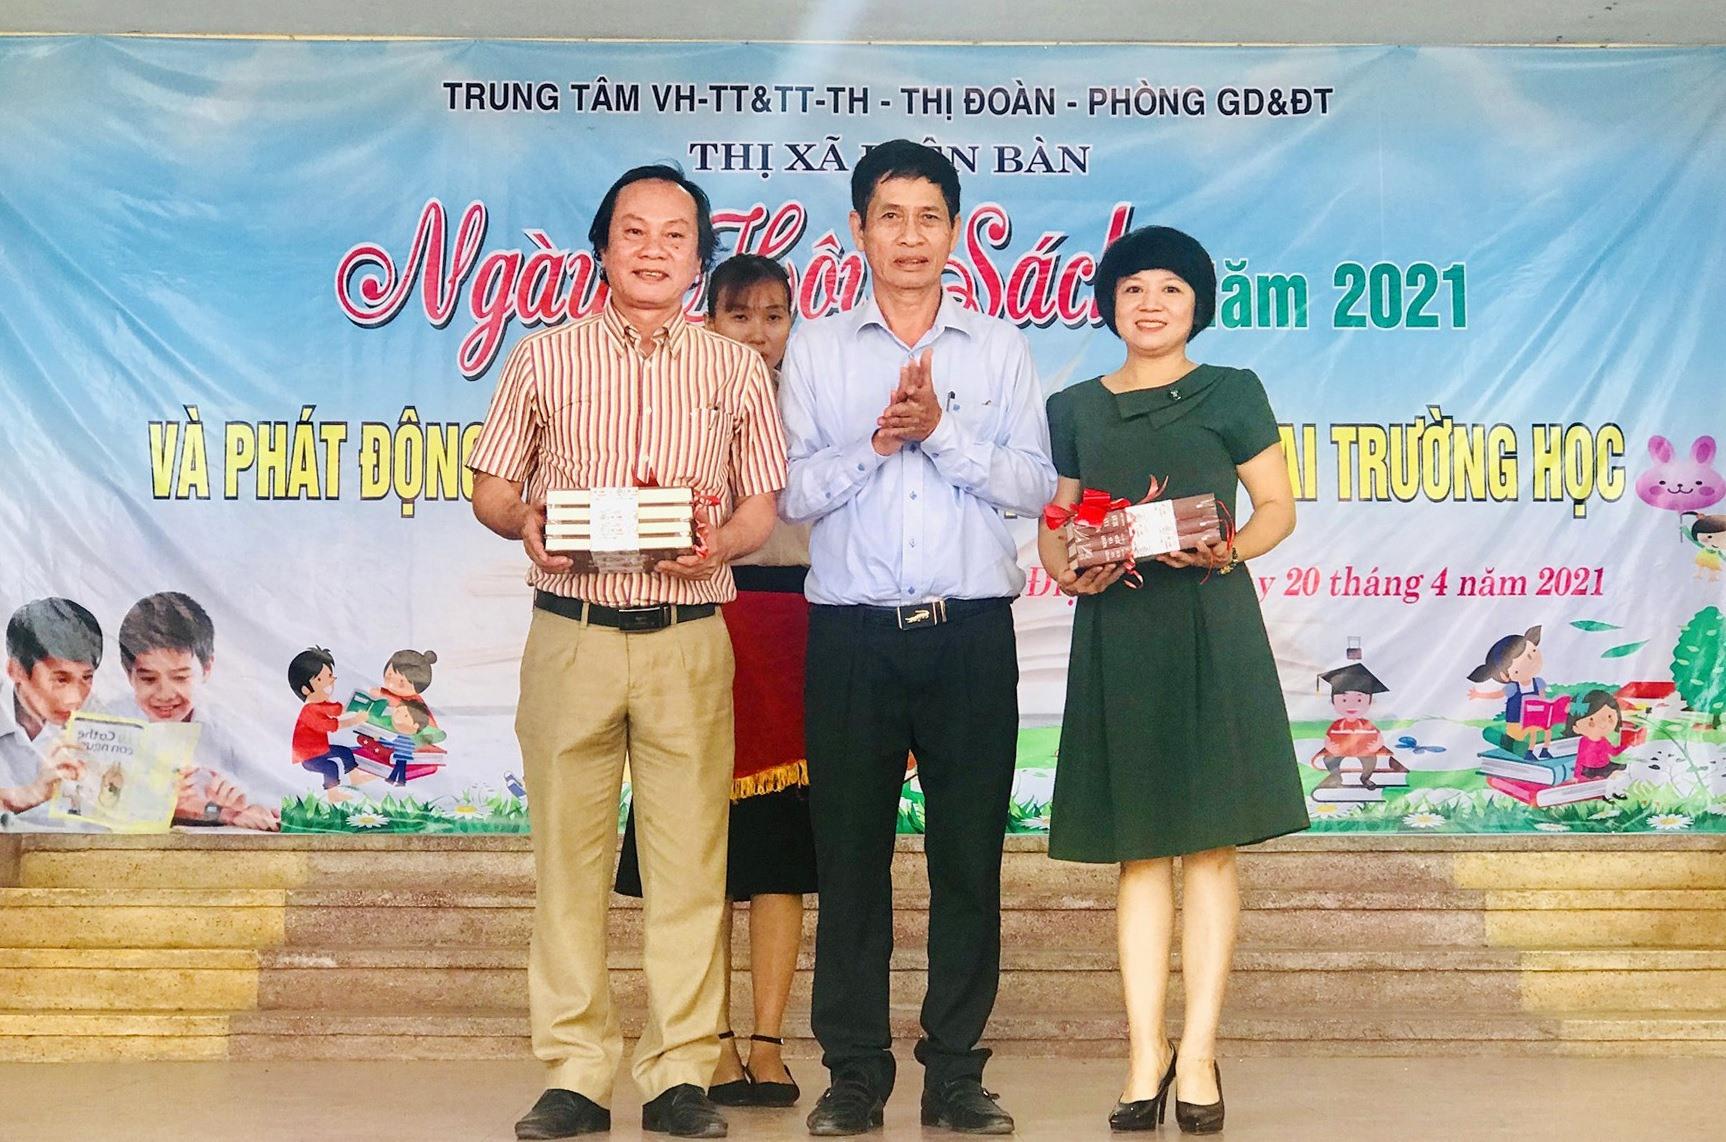 """Lãnh đạo Trung tâm VH-TT & TT-TH Điện Bàn tiếp nhận bộ sách """"Nguyễn Văn Xuân toàn tập"""" từ NSND Huỳnh Hùng. Ảnh: Q.T"""